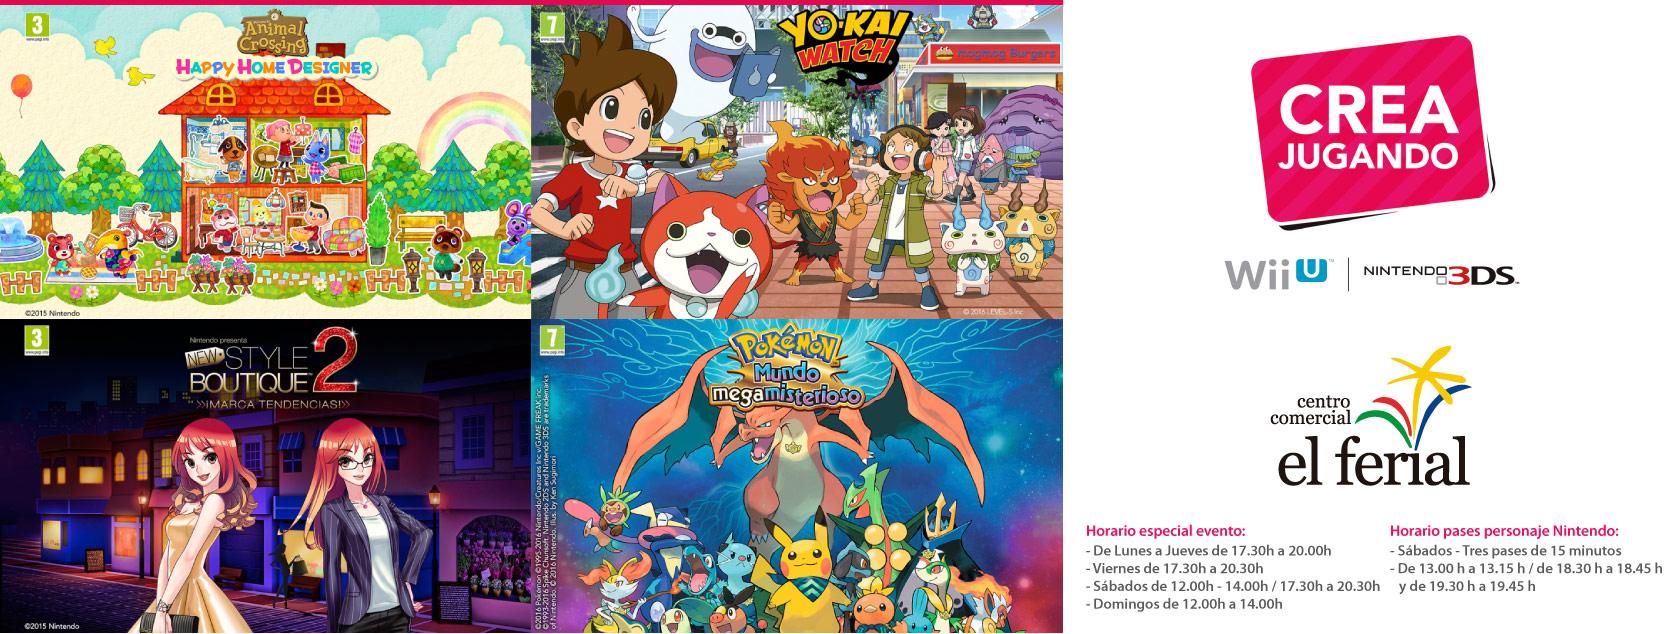 Crea Jugando con Nintendo en Centro Comercial El Ferial